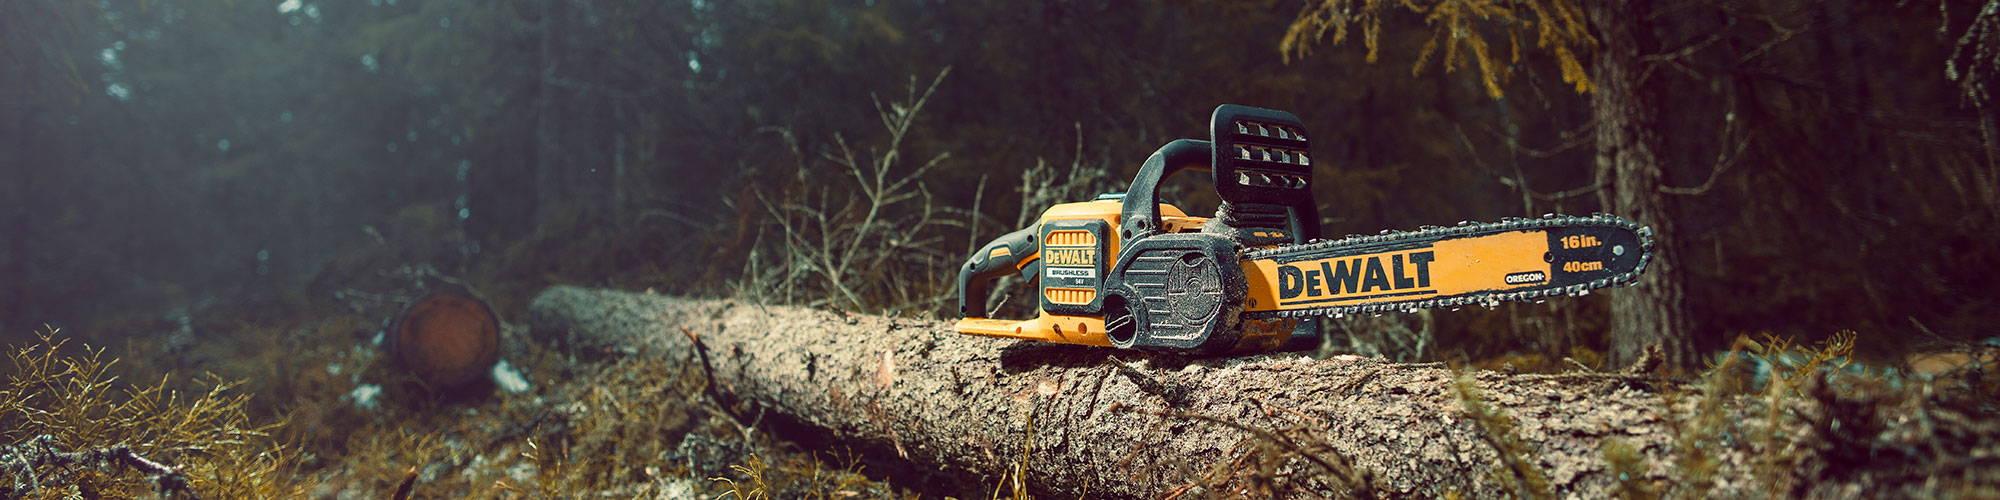 DCM575 Dewalt Chainsaw Review